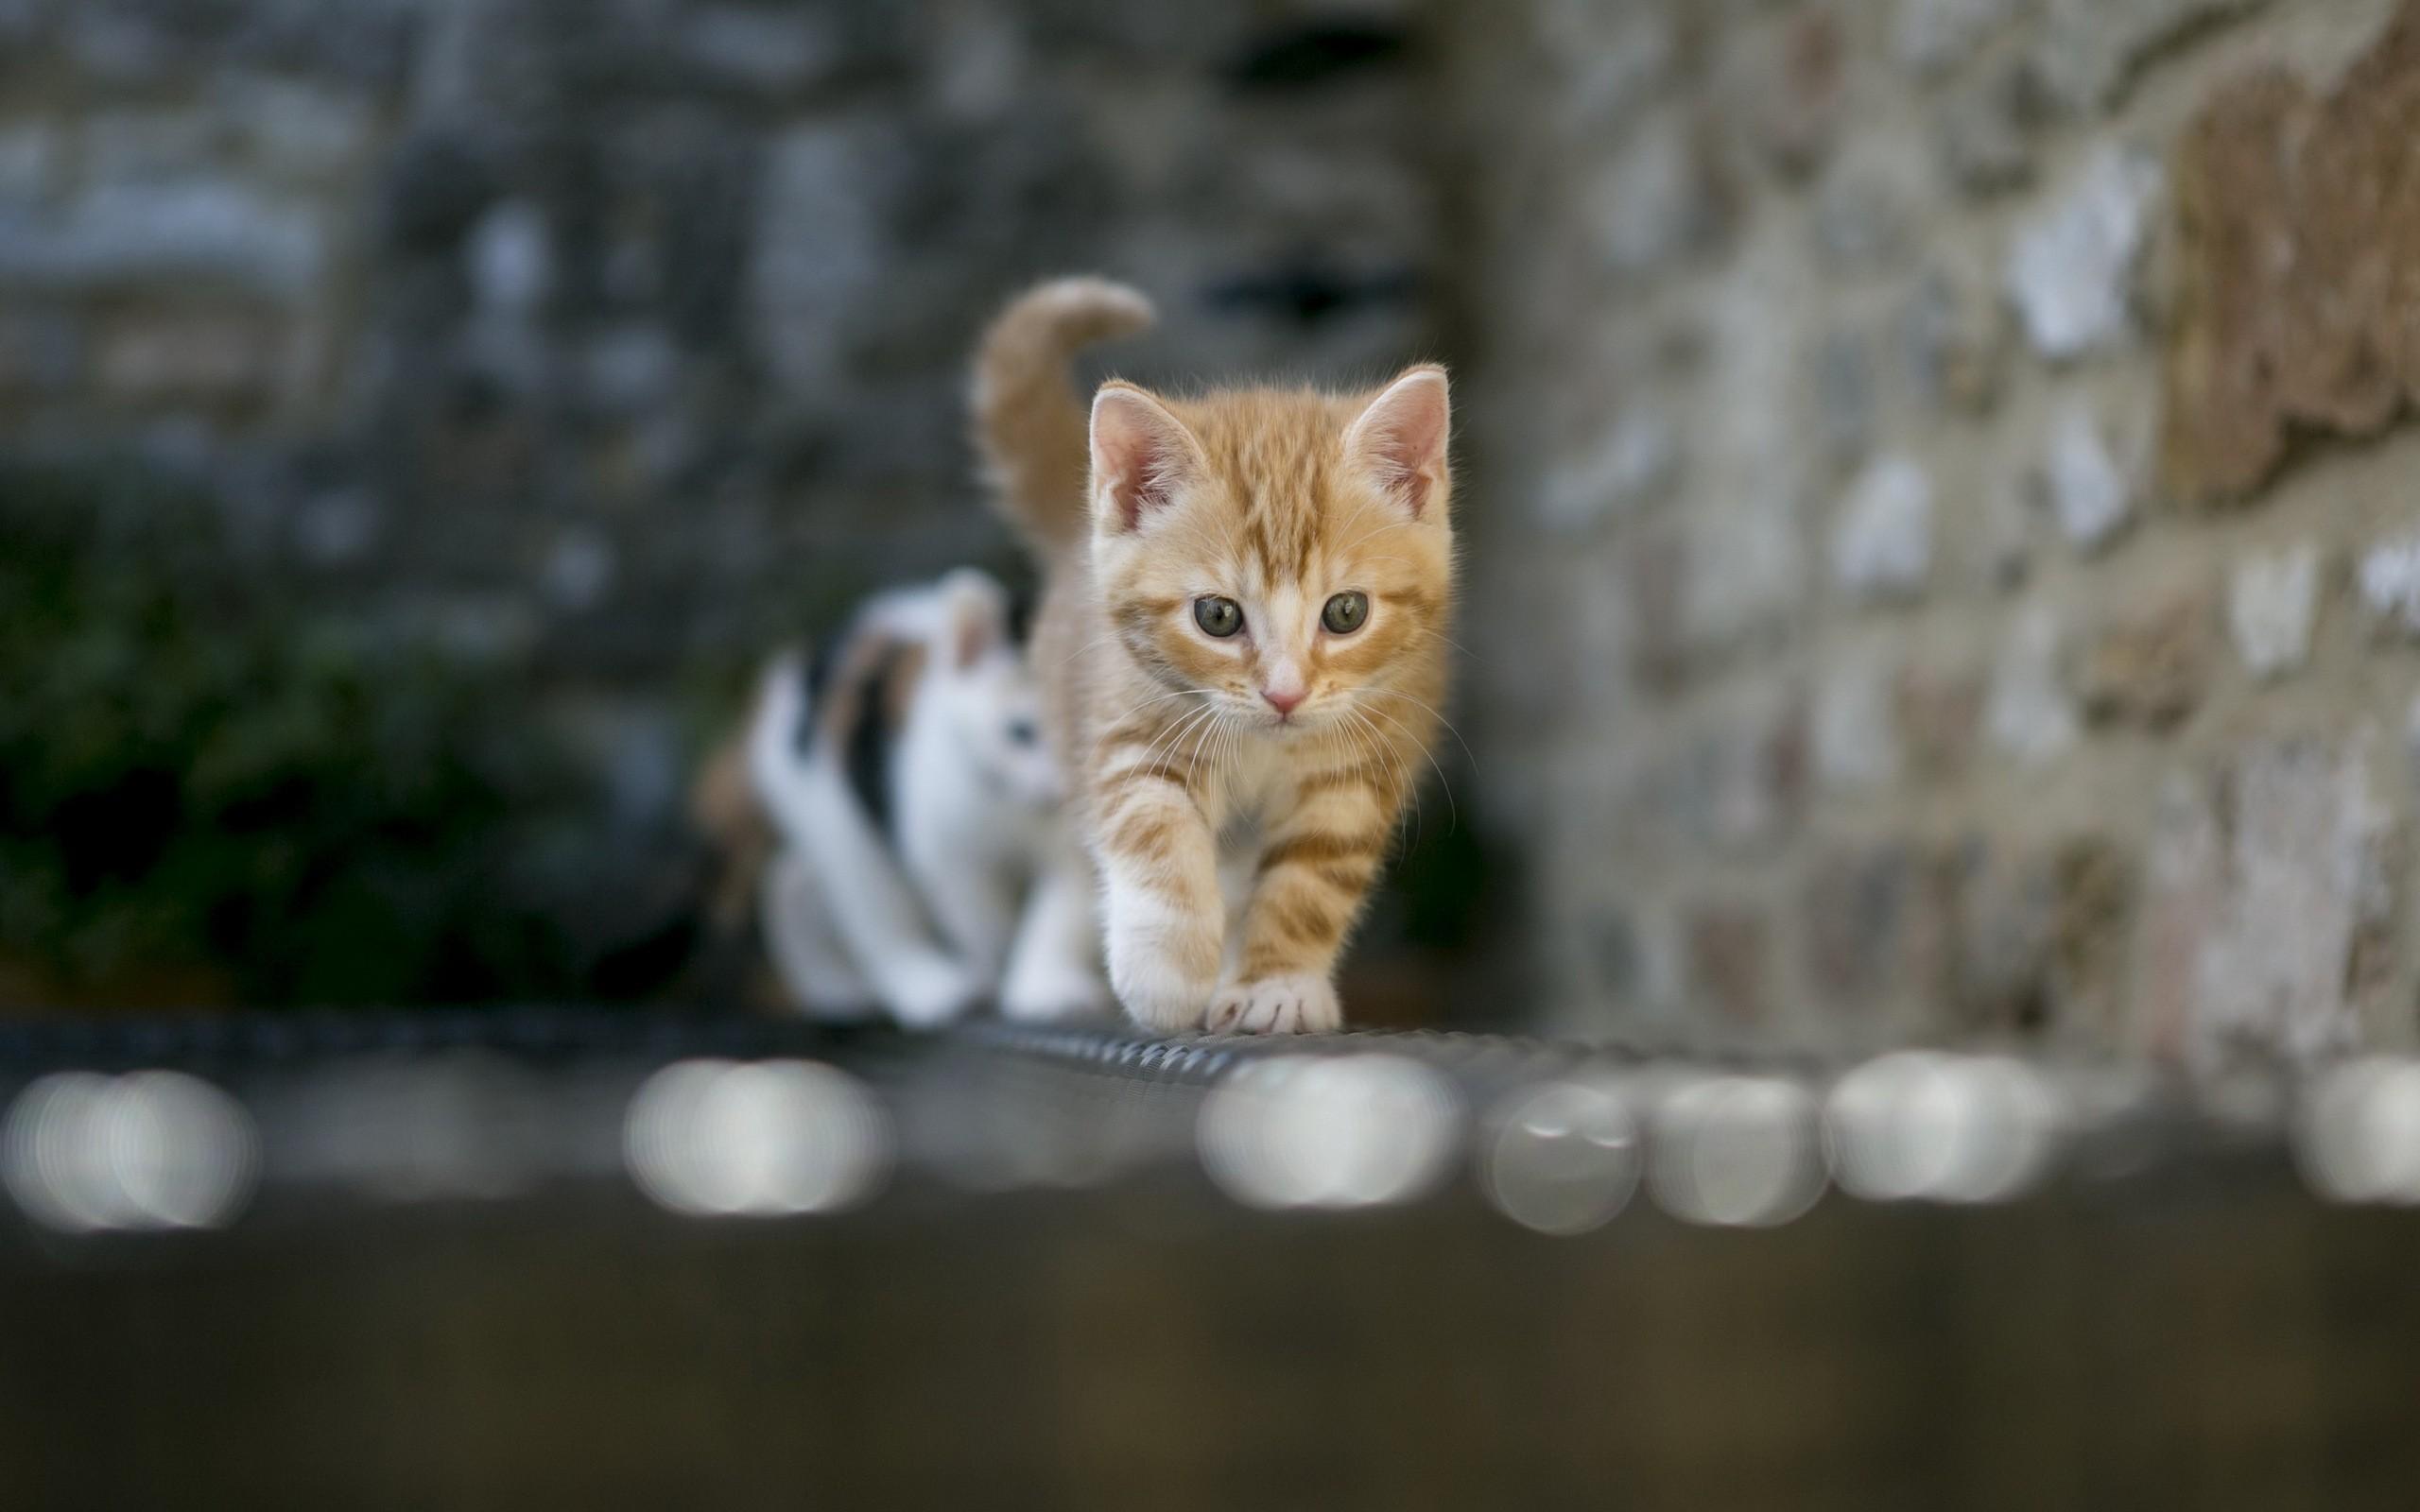 Cat cats kitten kittens wallpaper 2560x1600 85260 - Kitten wallpaper ...